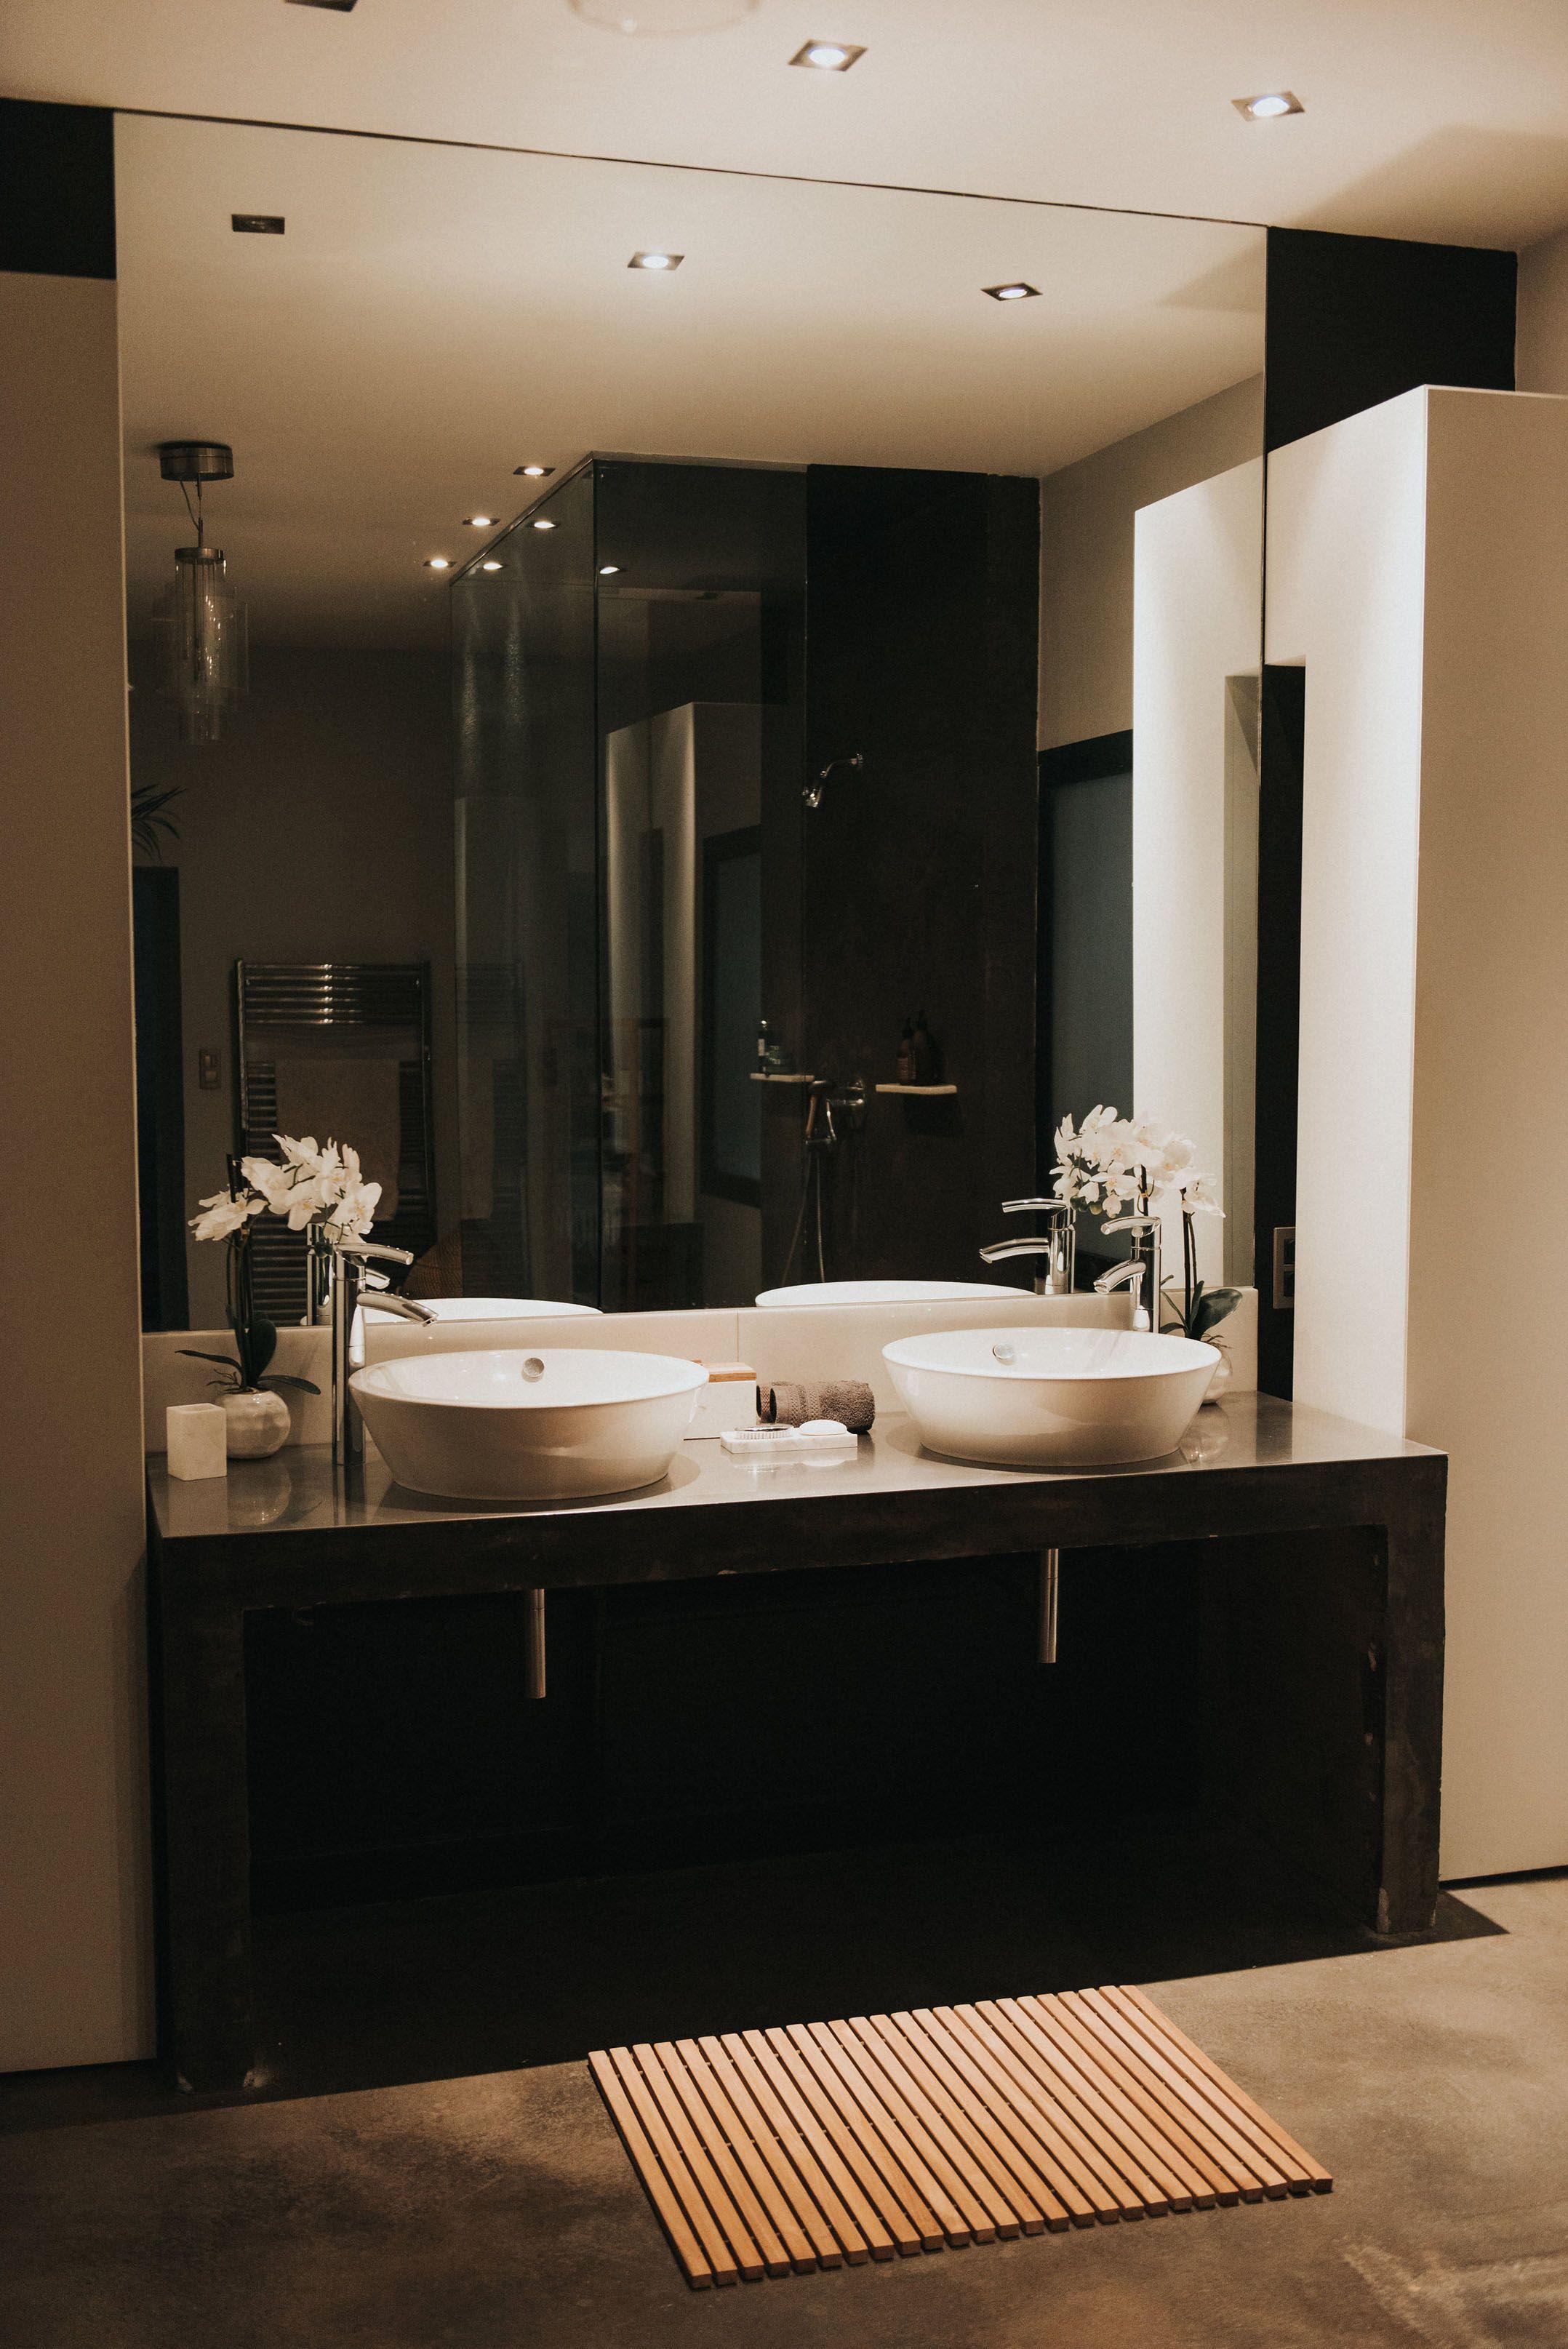 Home By Virginie - Salle de bain zen   Salle-de-bain zen - Home By ...